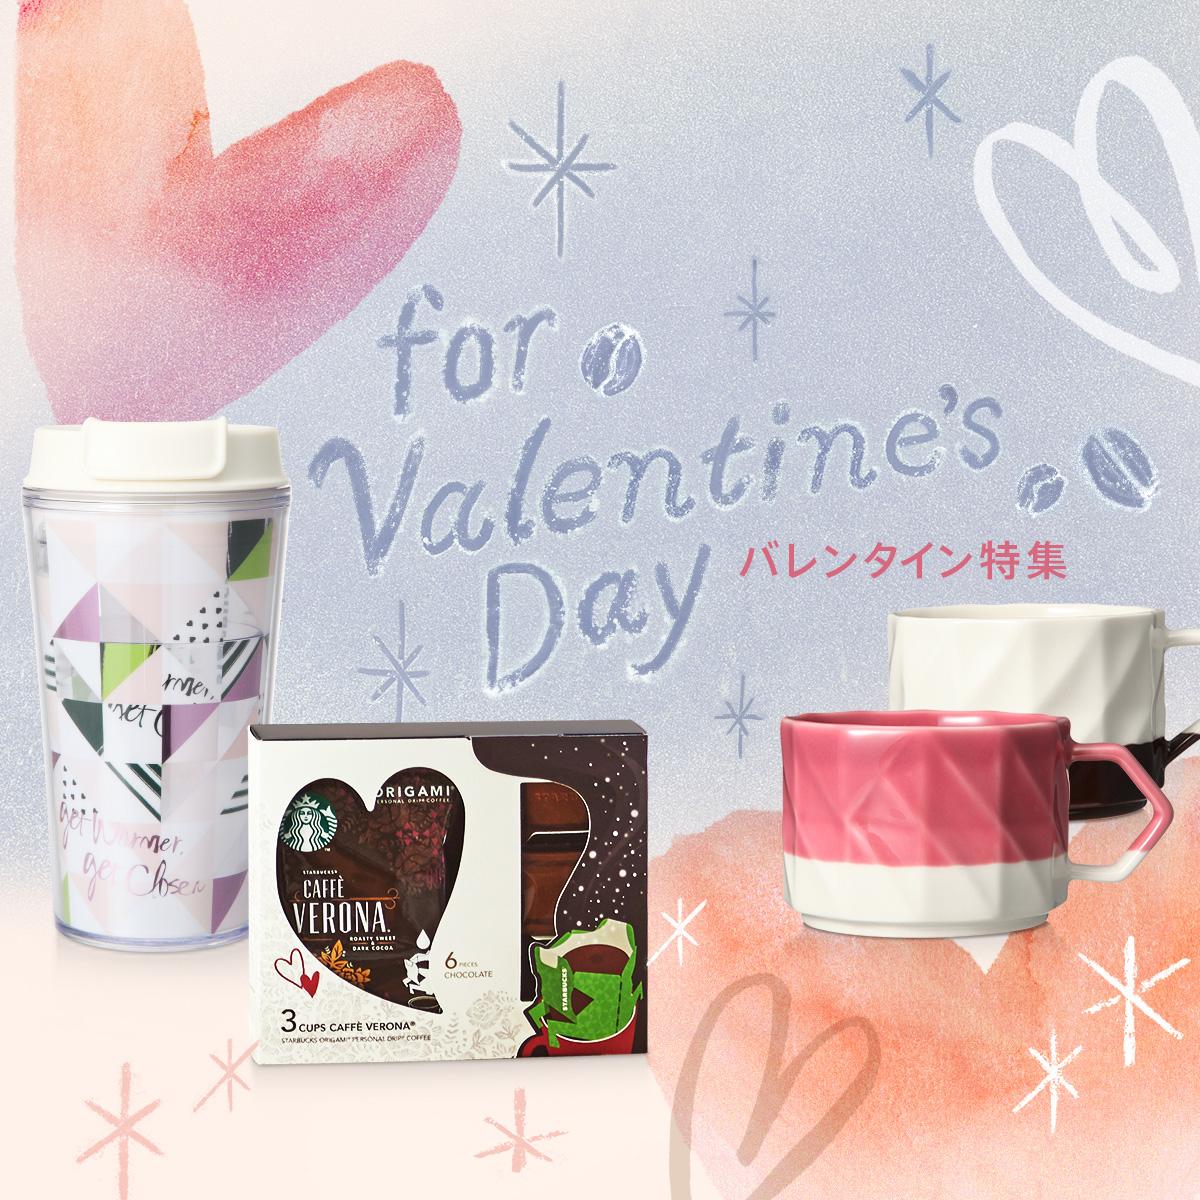 [ギフト] バレンタイン特集